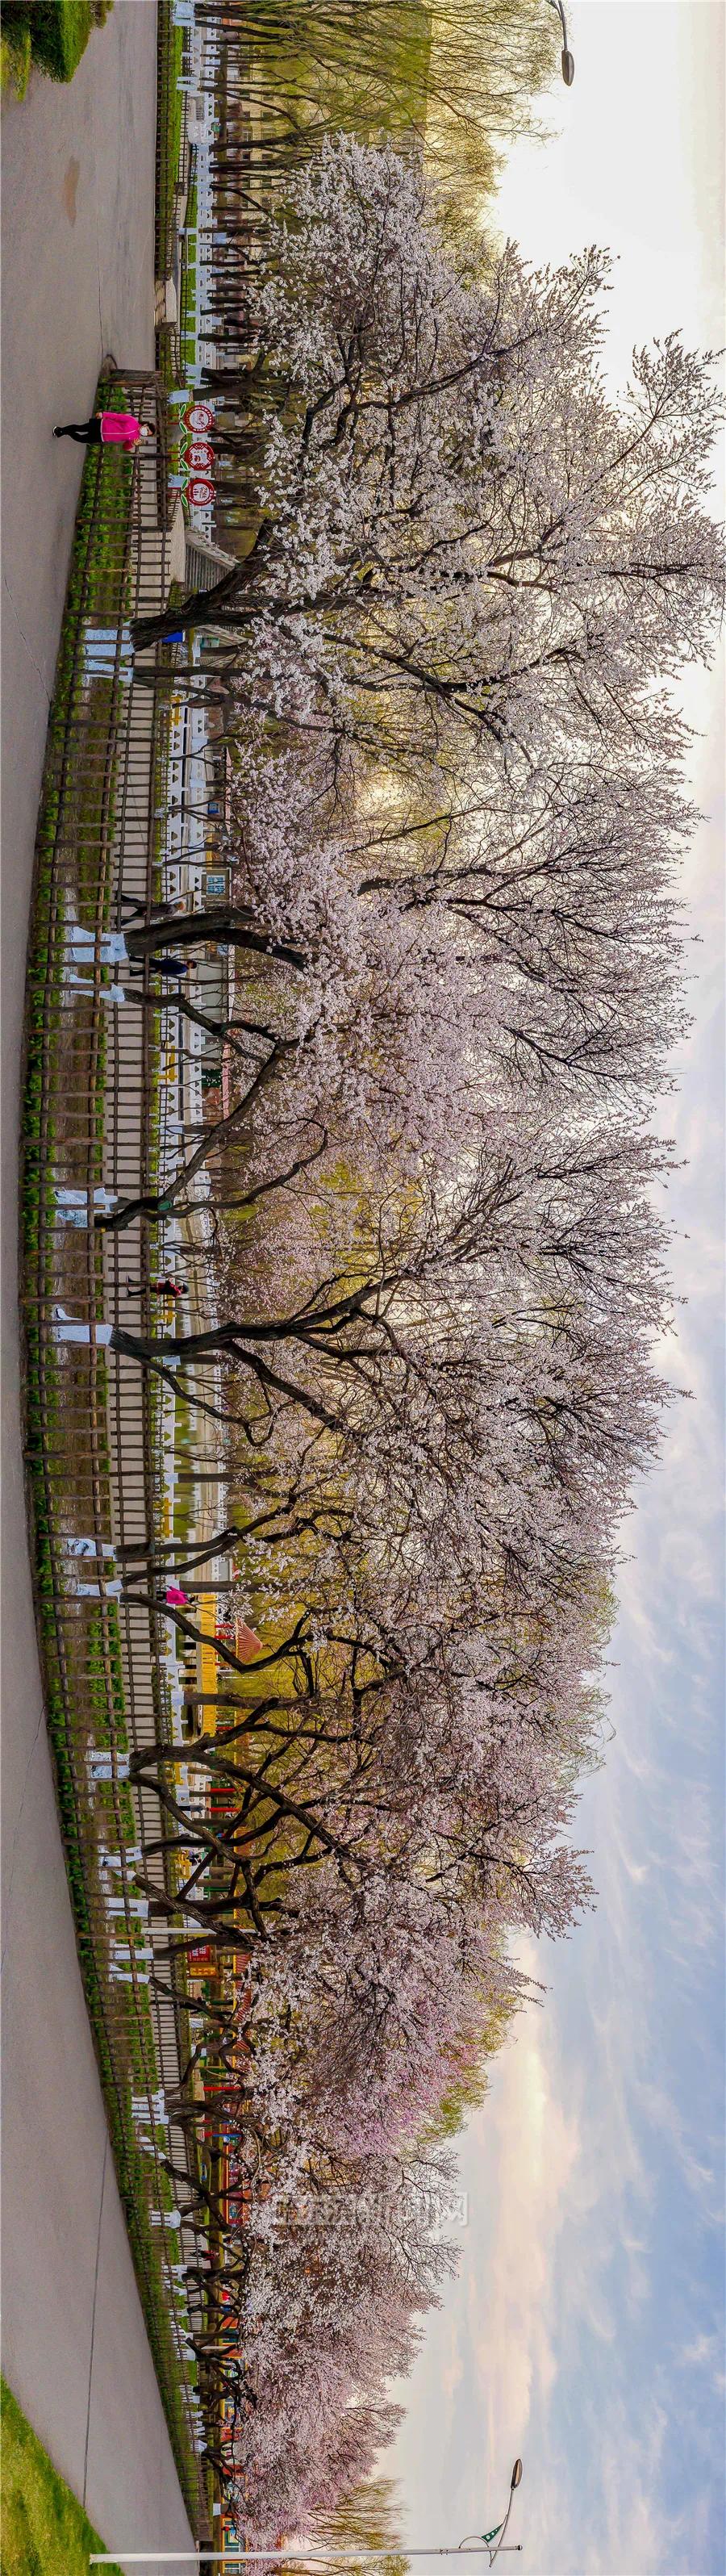 阿城市会宁公园_植物园、文化公园将免费开放 还要新增10个公园(游园)-哈尔滨 ...